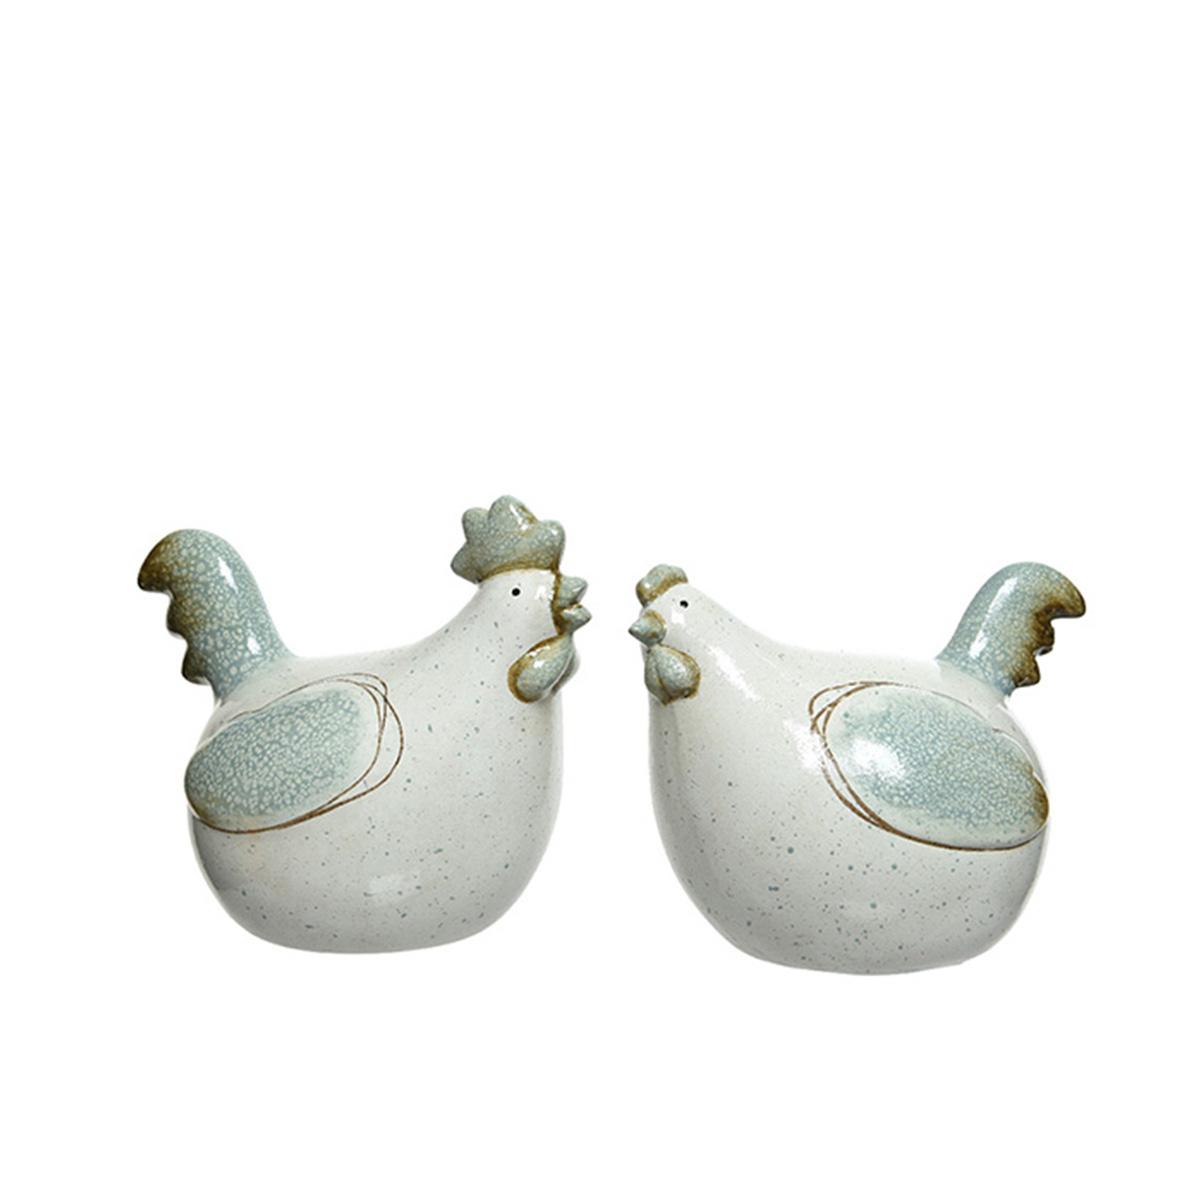 Dekorativne keramičke koke M 820919